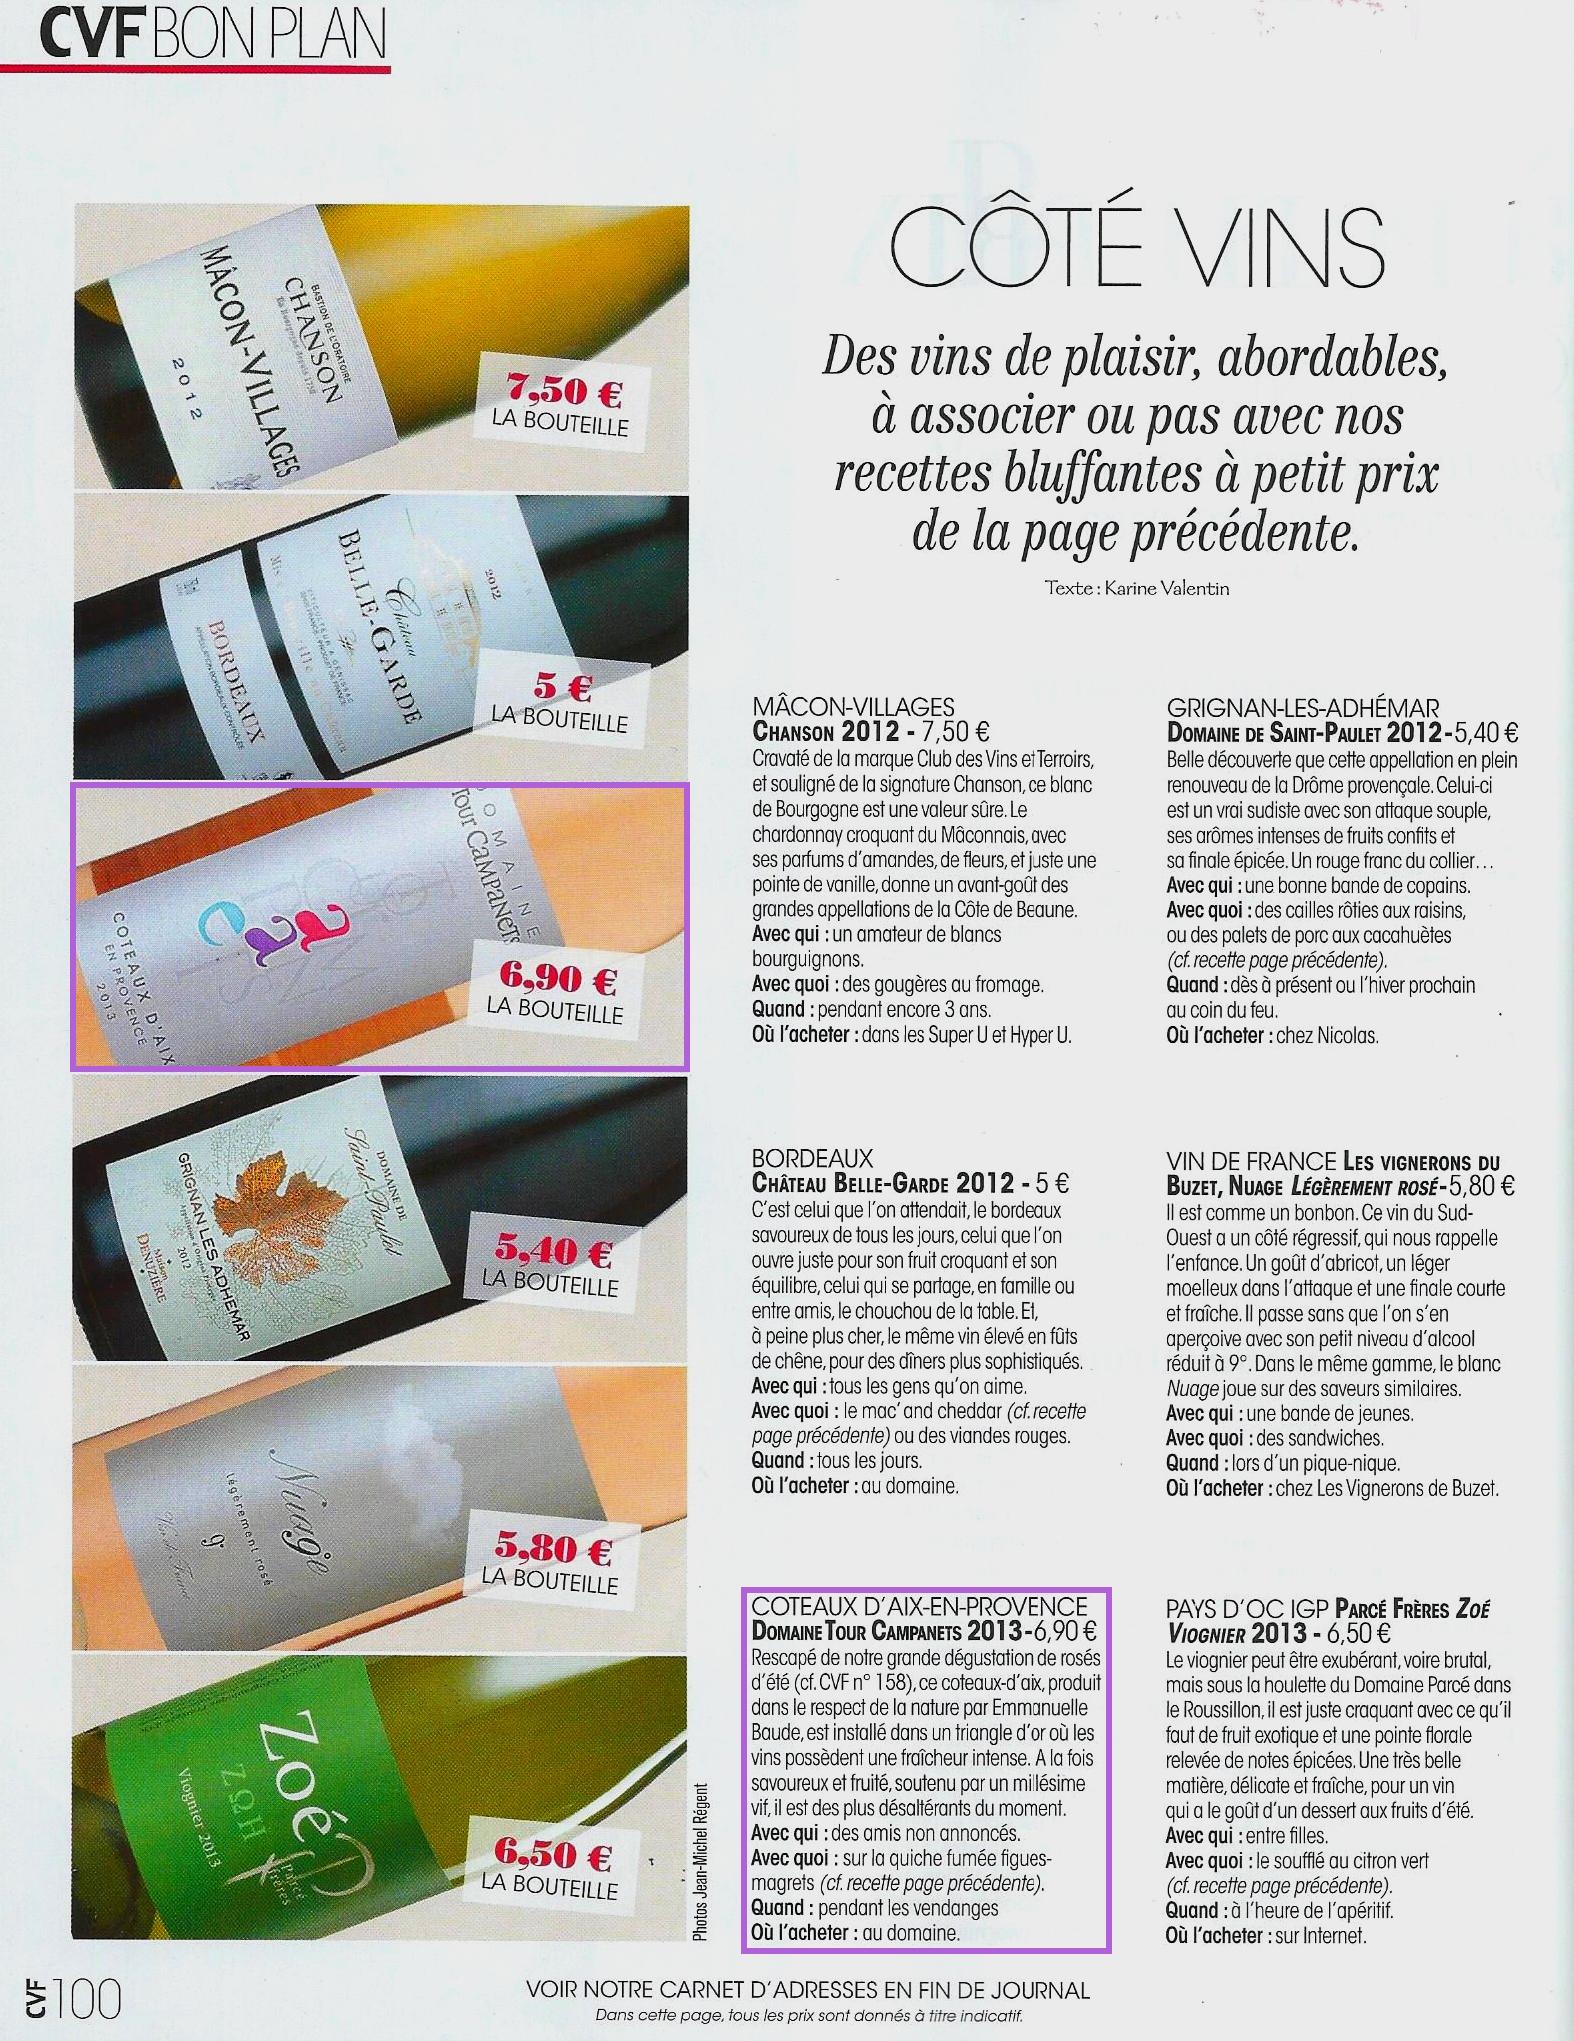 Article Tour Campanets dans Cuisine et Vins de France sept- oct 2014